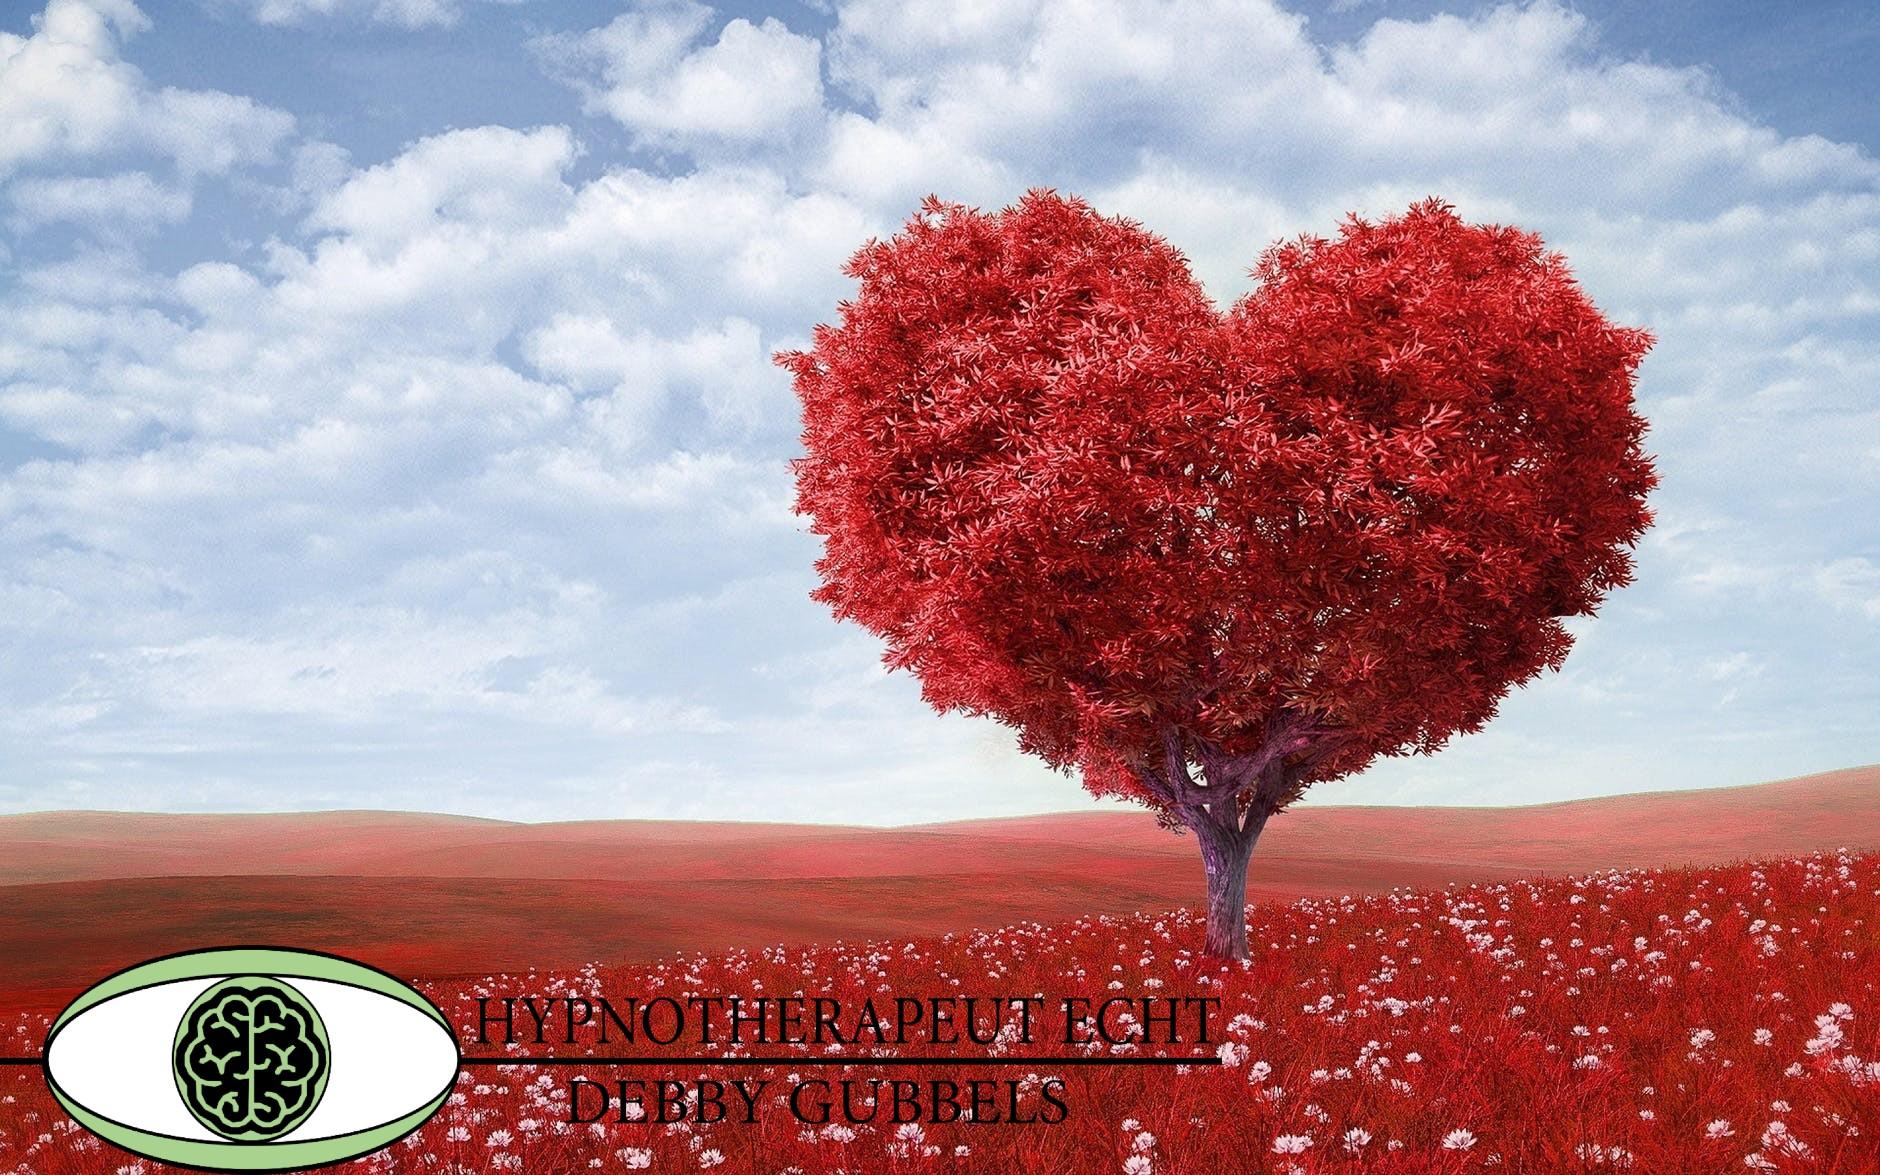 Hypnotherapeut Echt Debby Gubbels Van angst naar liefde